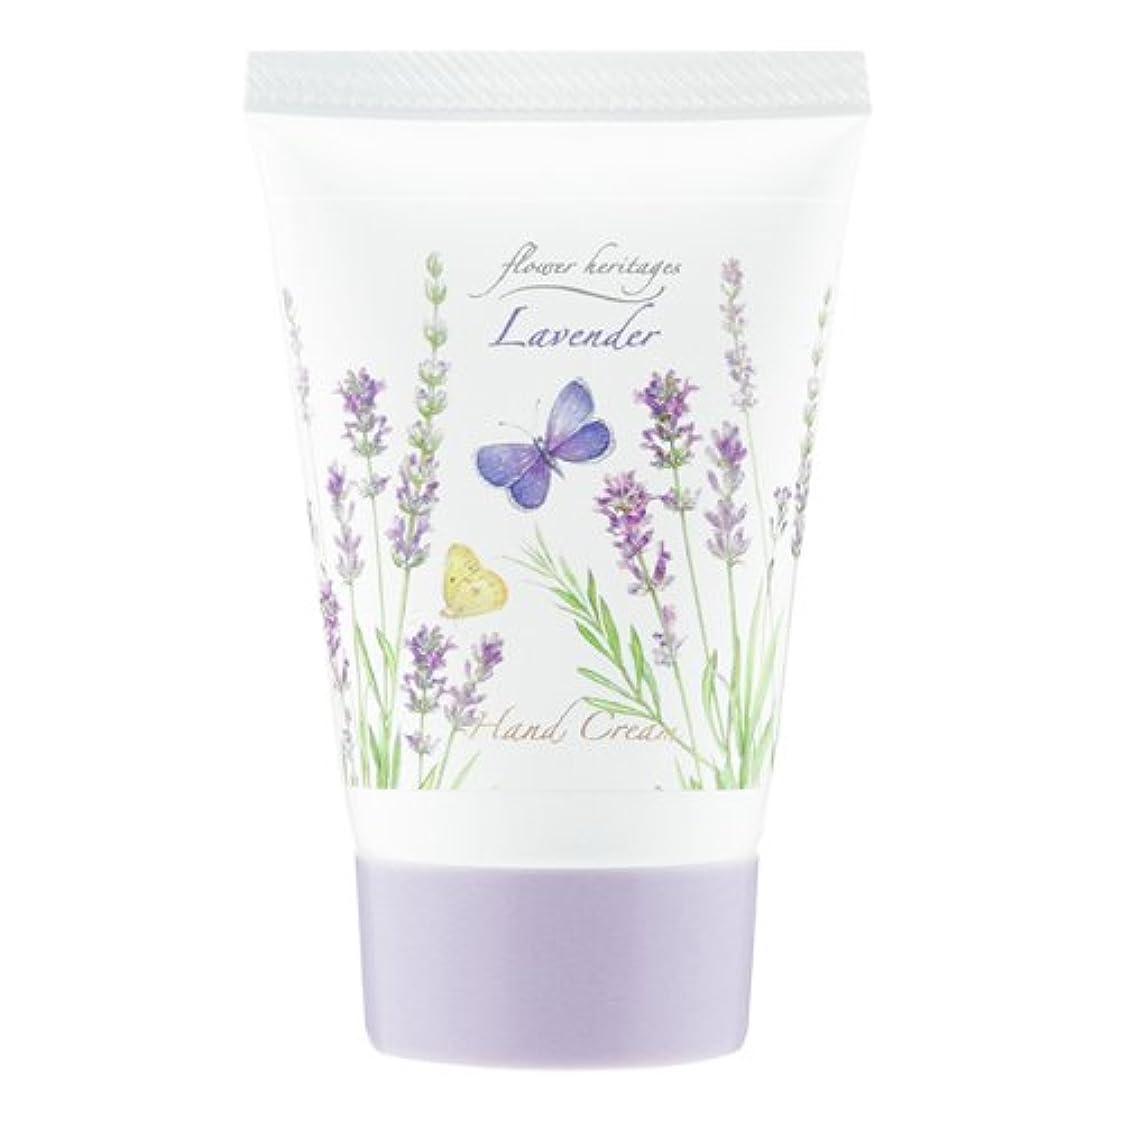 解任考えたストライプネイチャータッチ (Nature Touch) Flower Heritage ハンドクリーム40g/ラベンダー